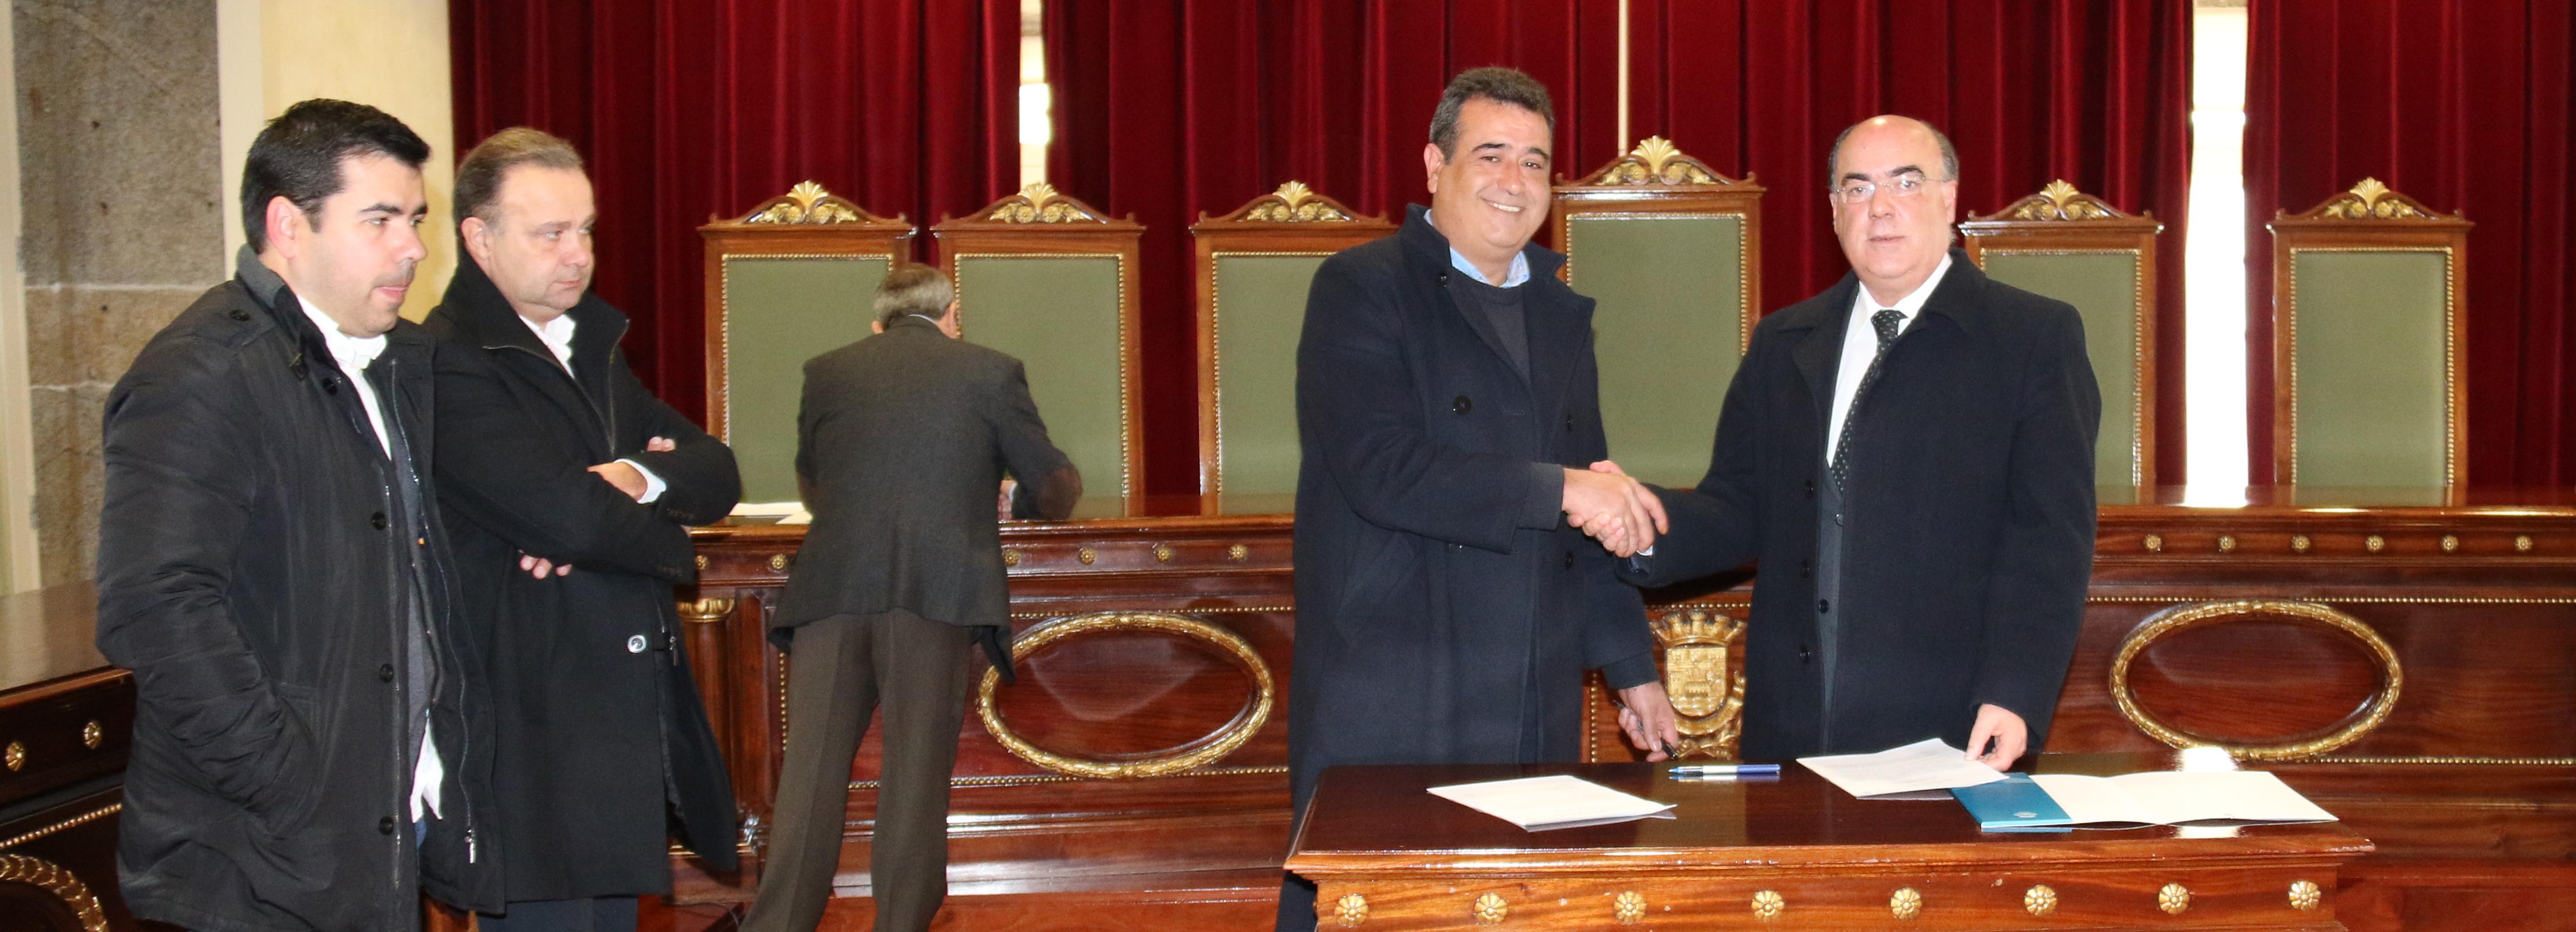 Câmara Municipal assina Contratos de Desenvolvimento Desportivo para 2015